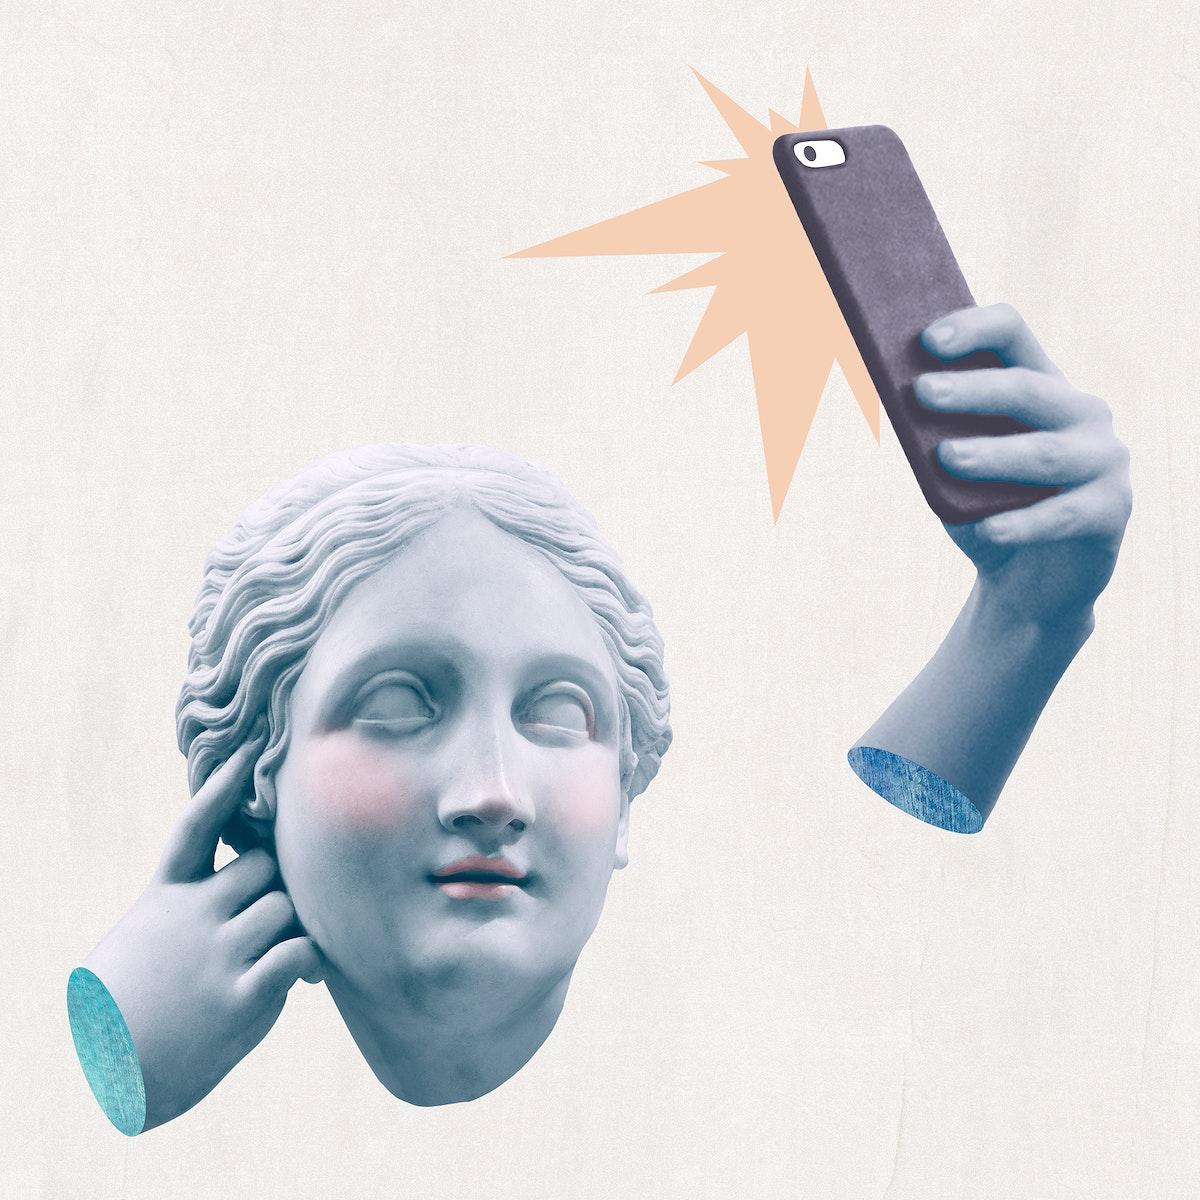 Greek selfie goddess statue psd social media addiction mixed media